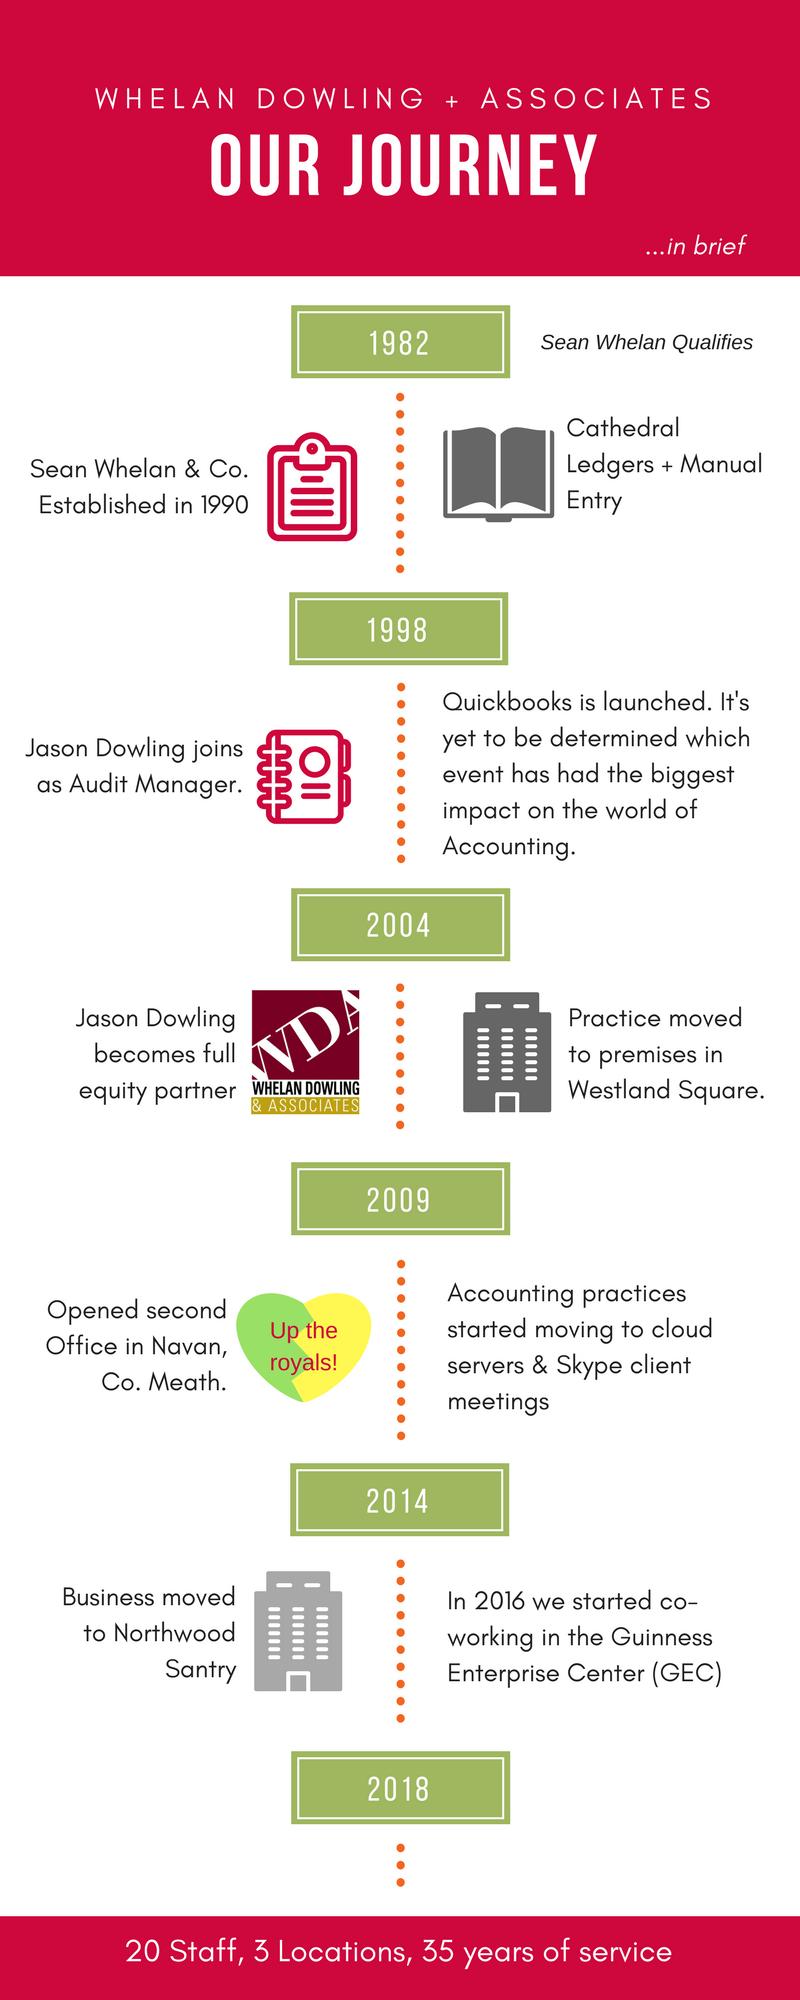 About Whelan Dowling & Associates